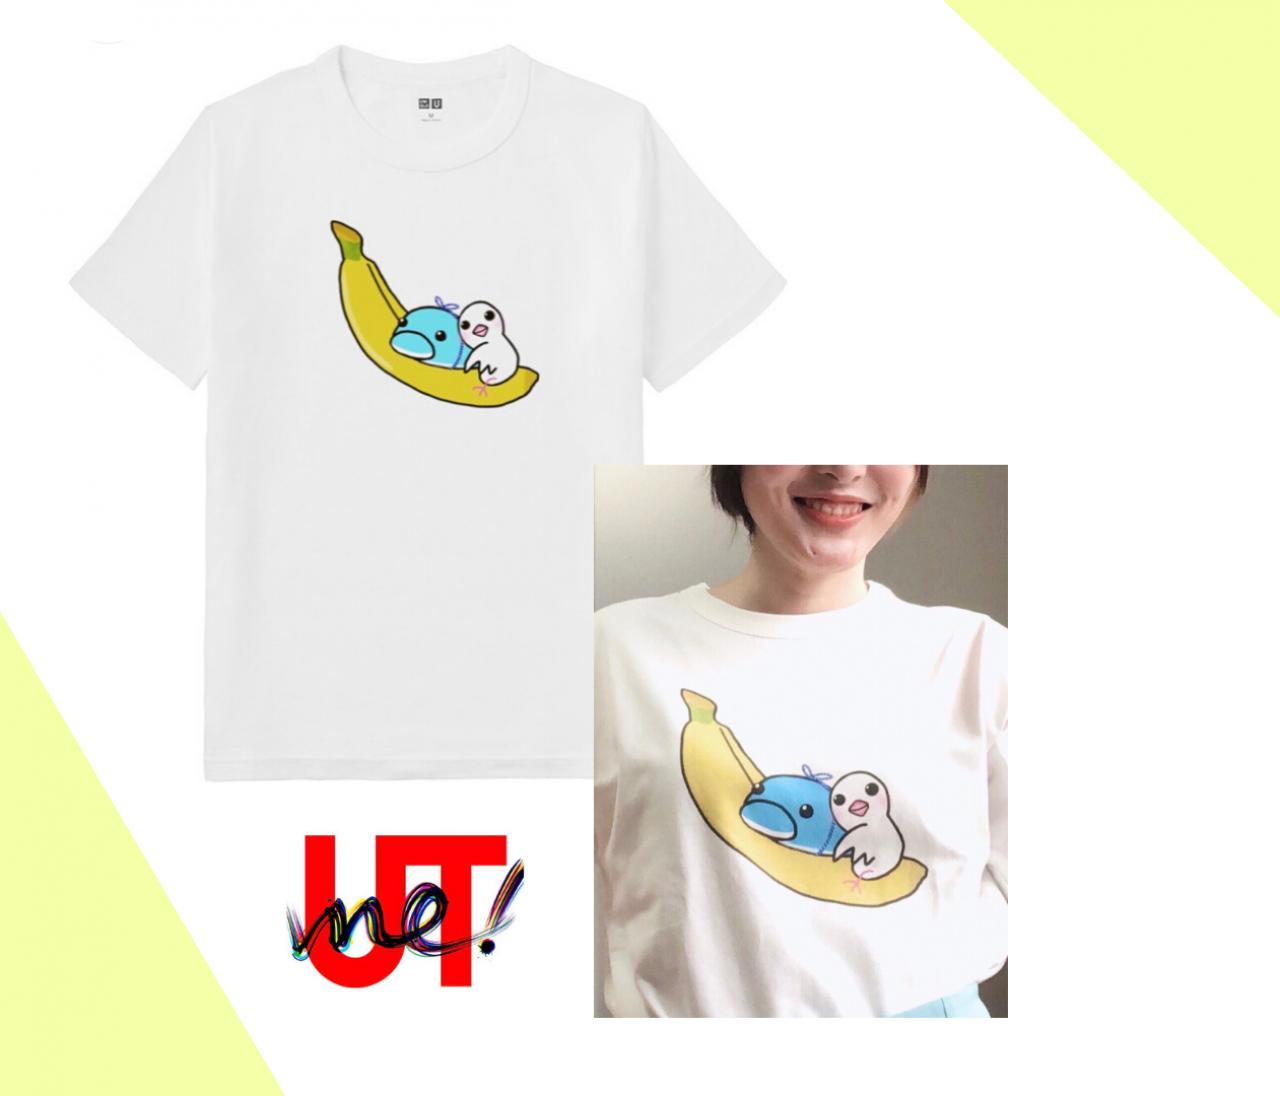 【世界に一枚のオリジナルTシャツ作り】UNIQLO〈UTme!〉徹底解説